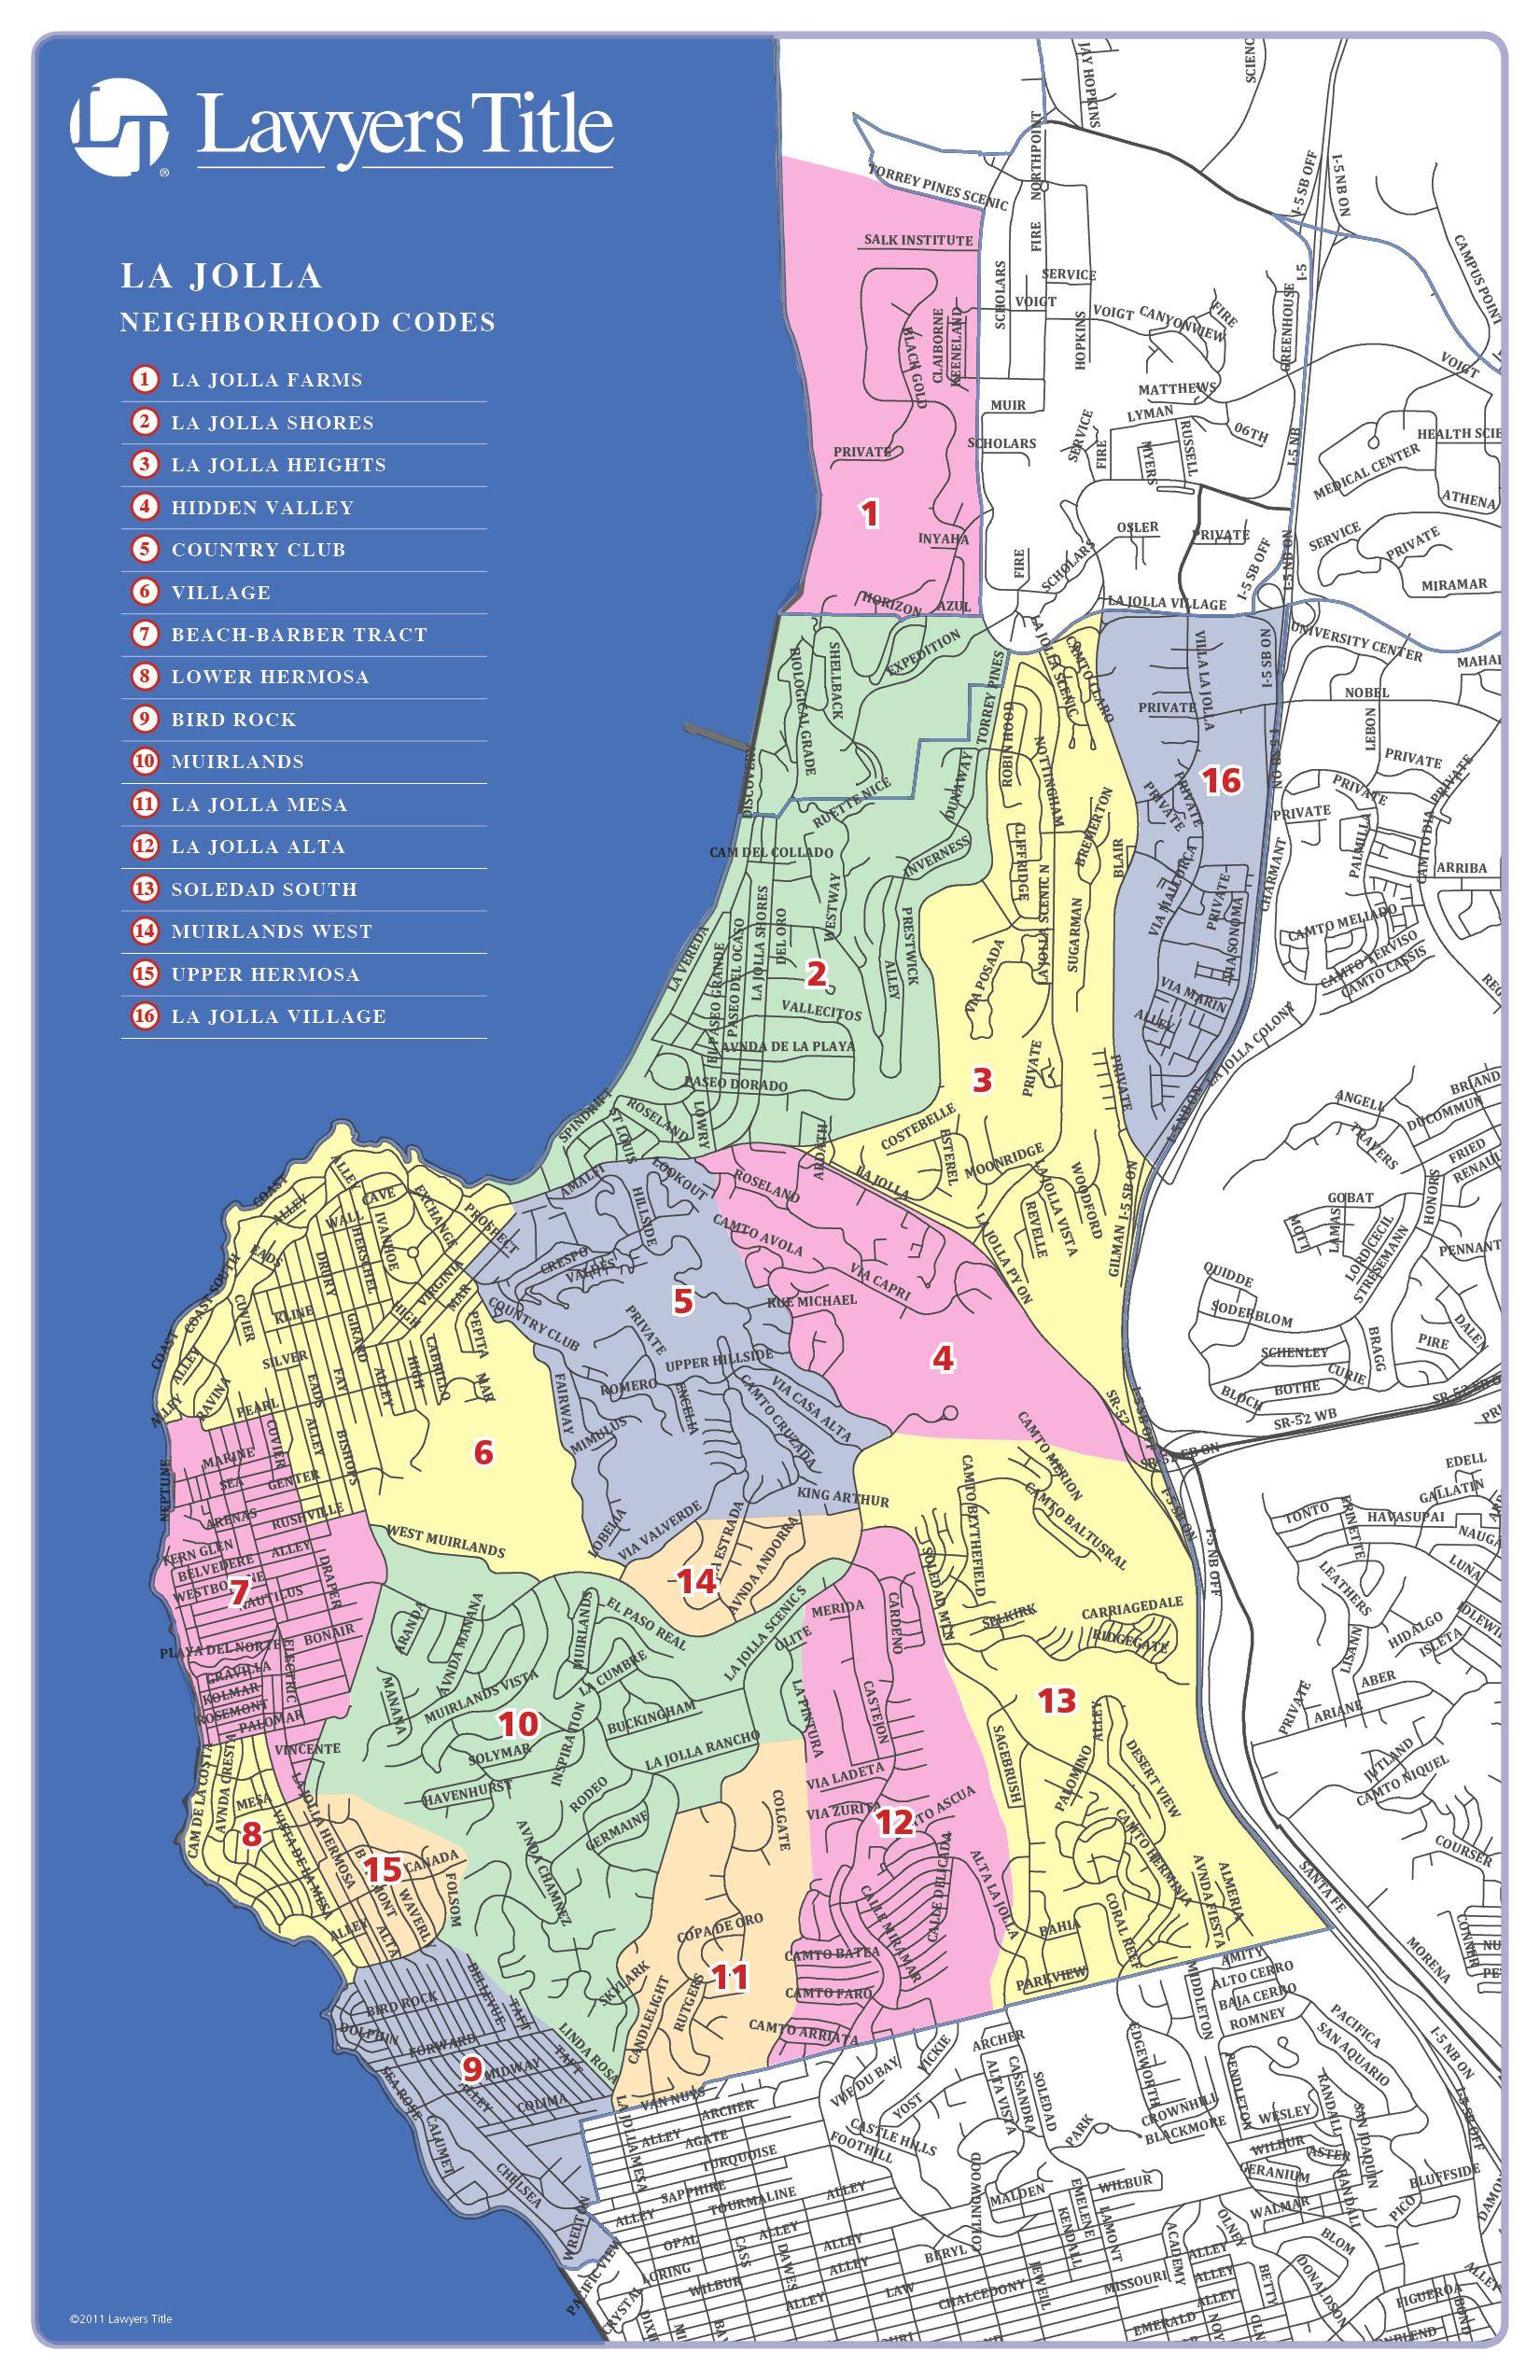 Map Of La Jolla California Neighborhoods And La Jolla